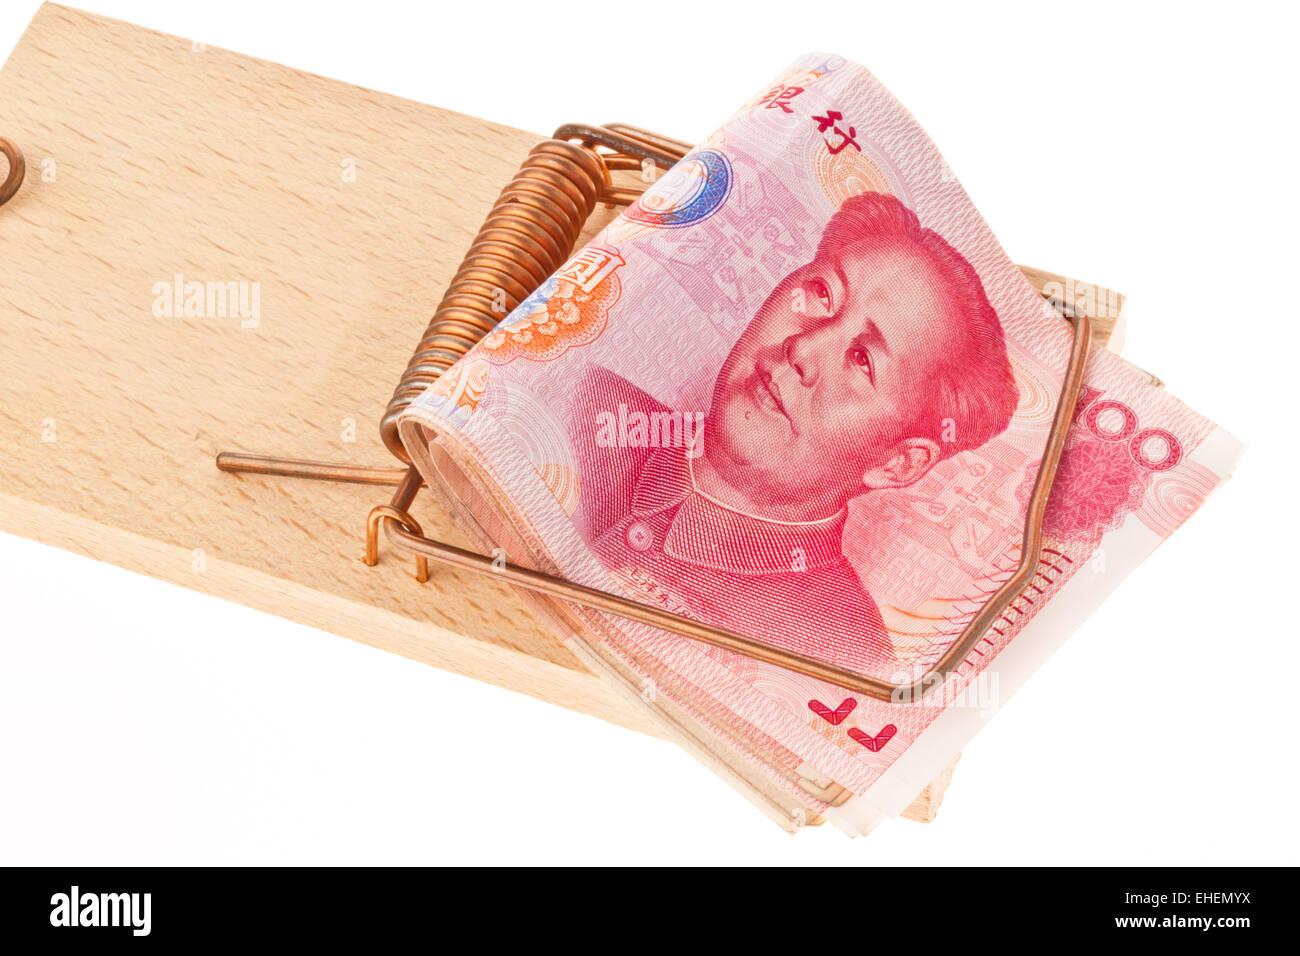 Chinese money Stock Photo